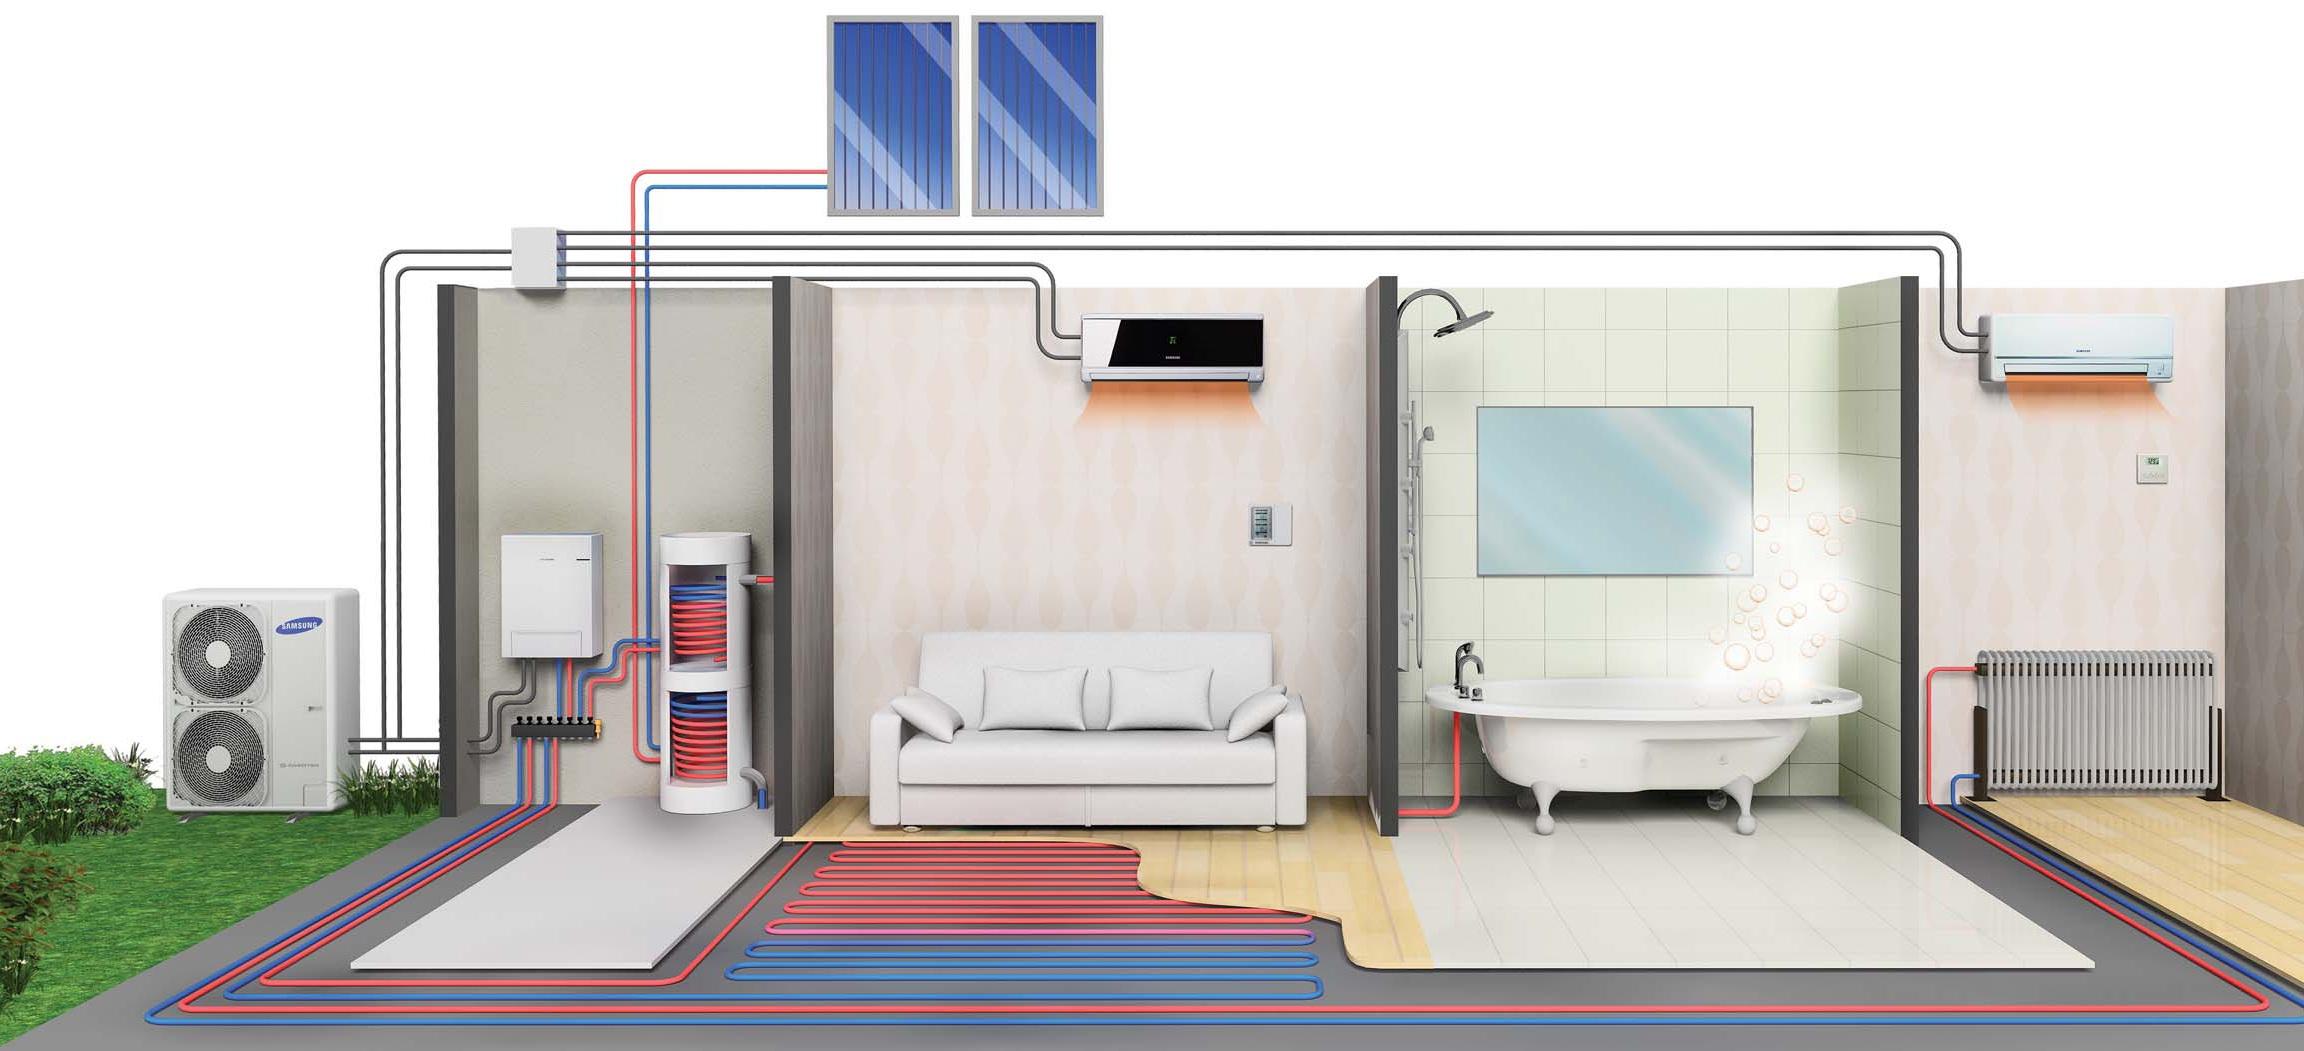 Impianti termici artioli termoidraulica piubega mantova for Impianto di riscaldamento con pompa di calore